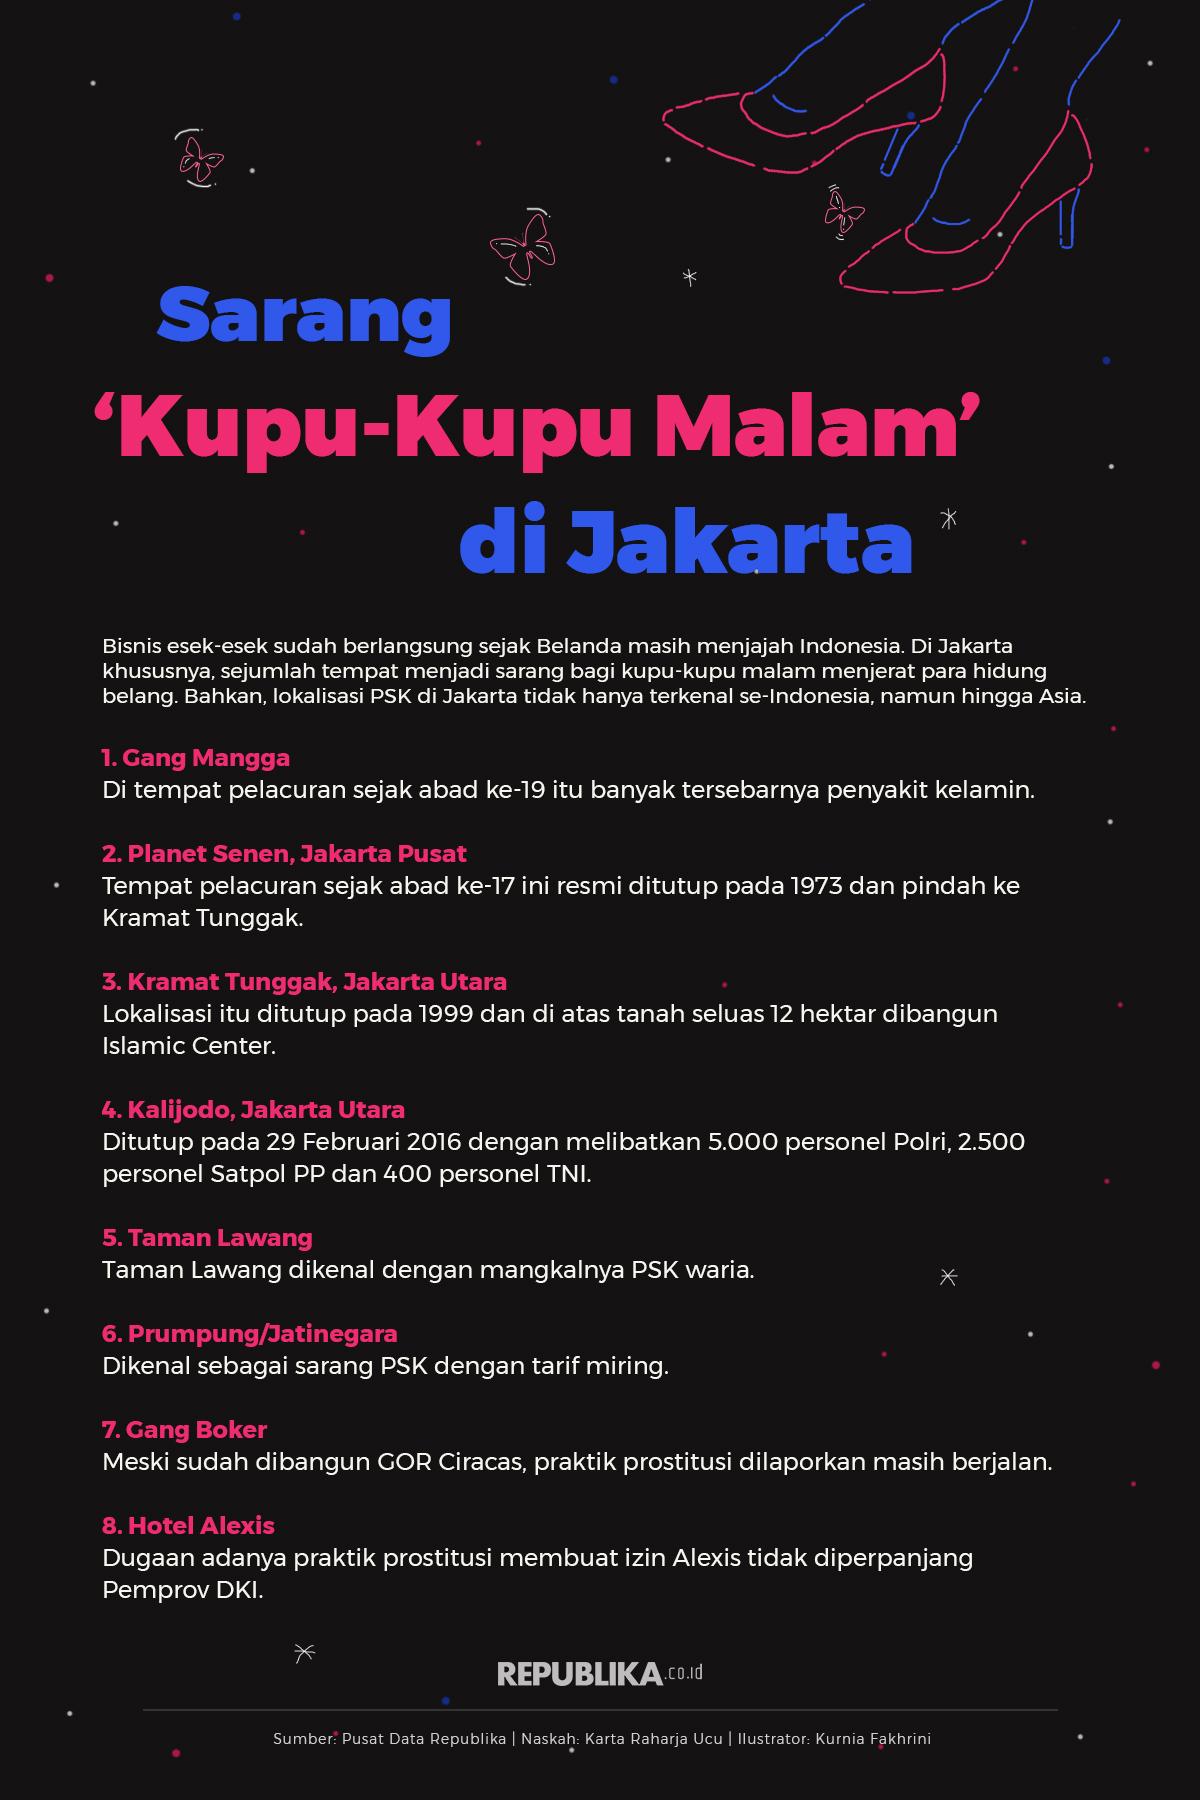 Di Mana Saja Letak Sarang 'Kupu-kupu Malam' di Jakarta